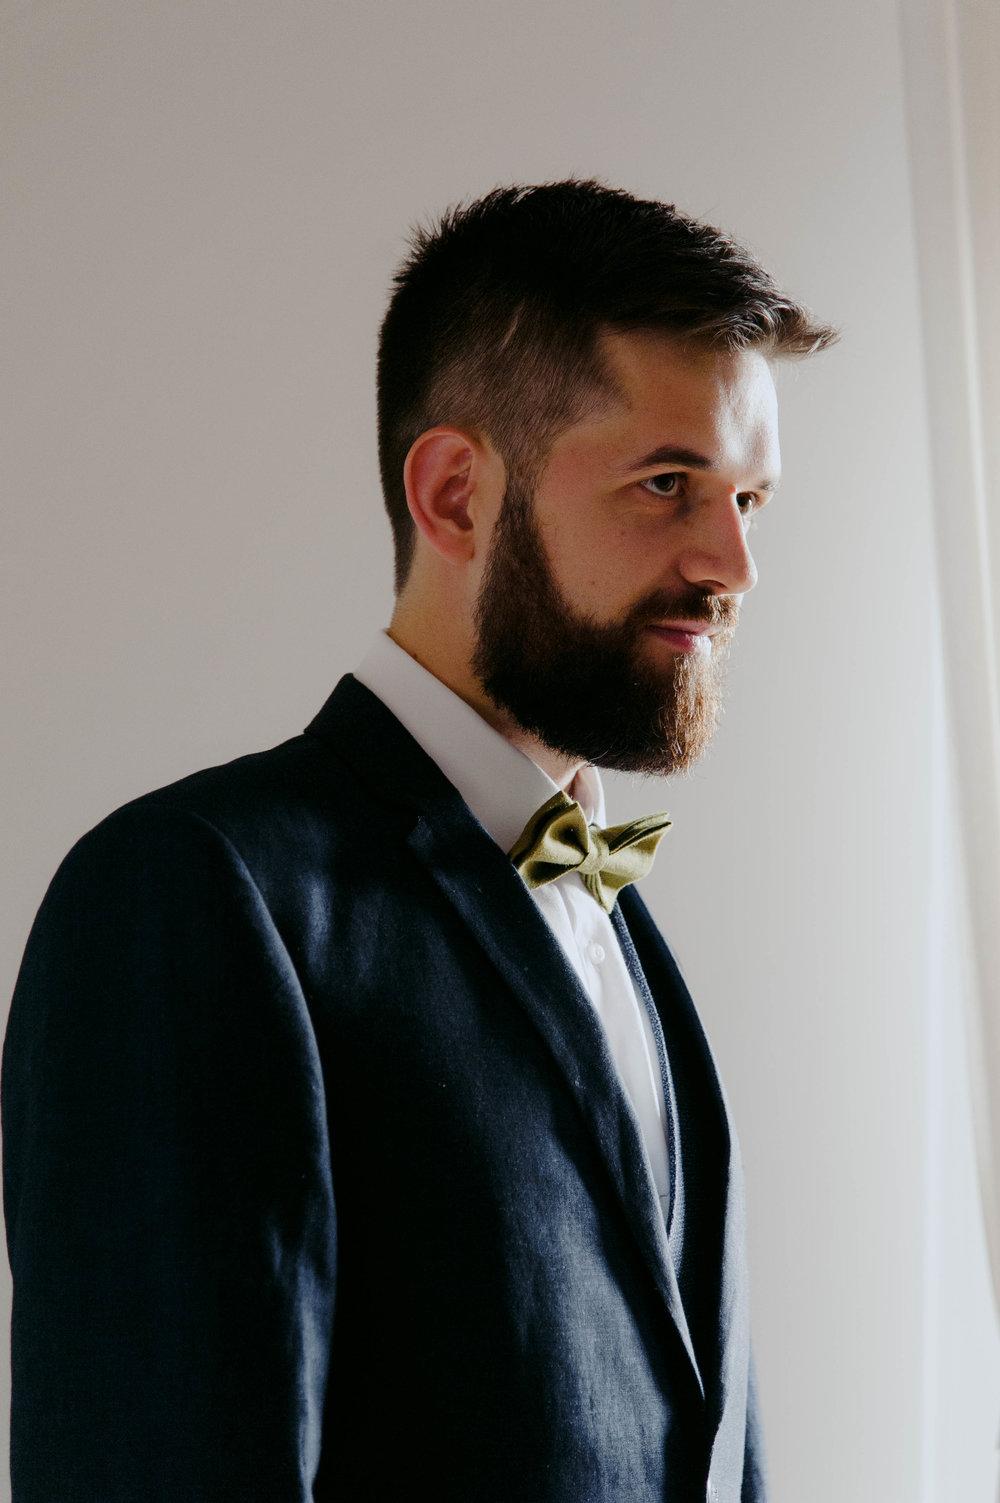 038 - Preparazione sposo.JPG